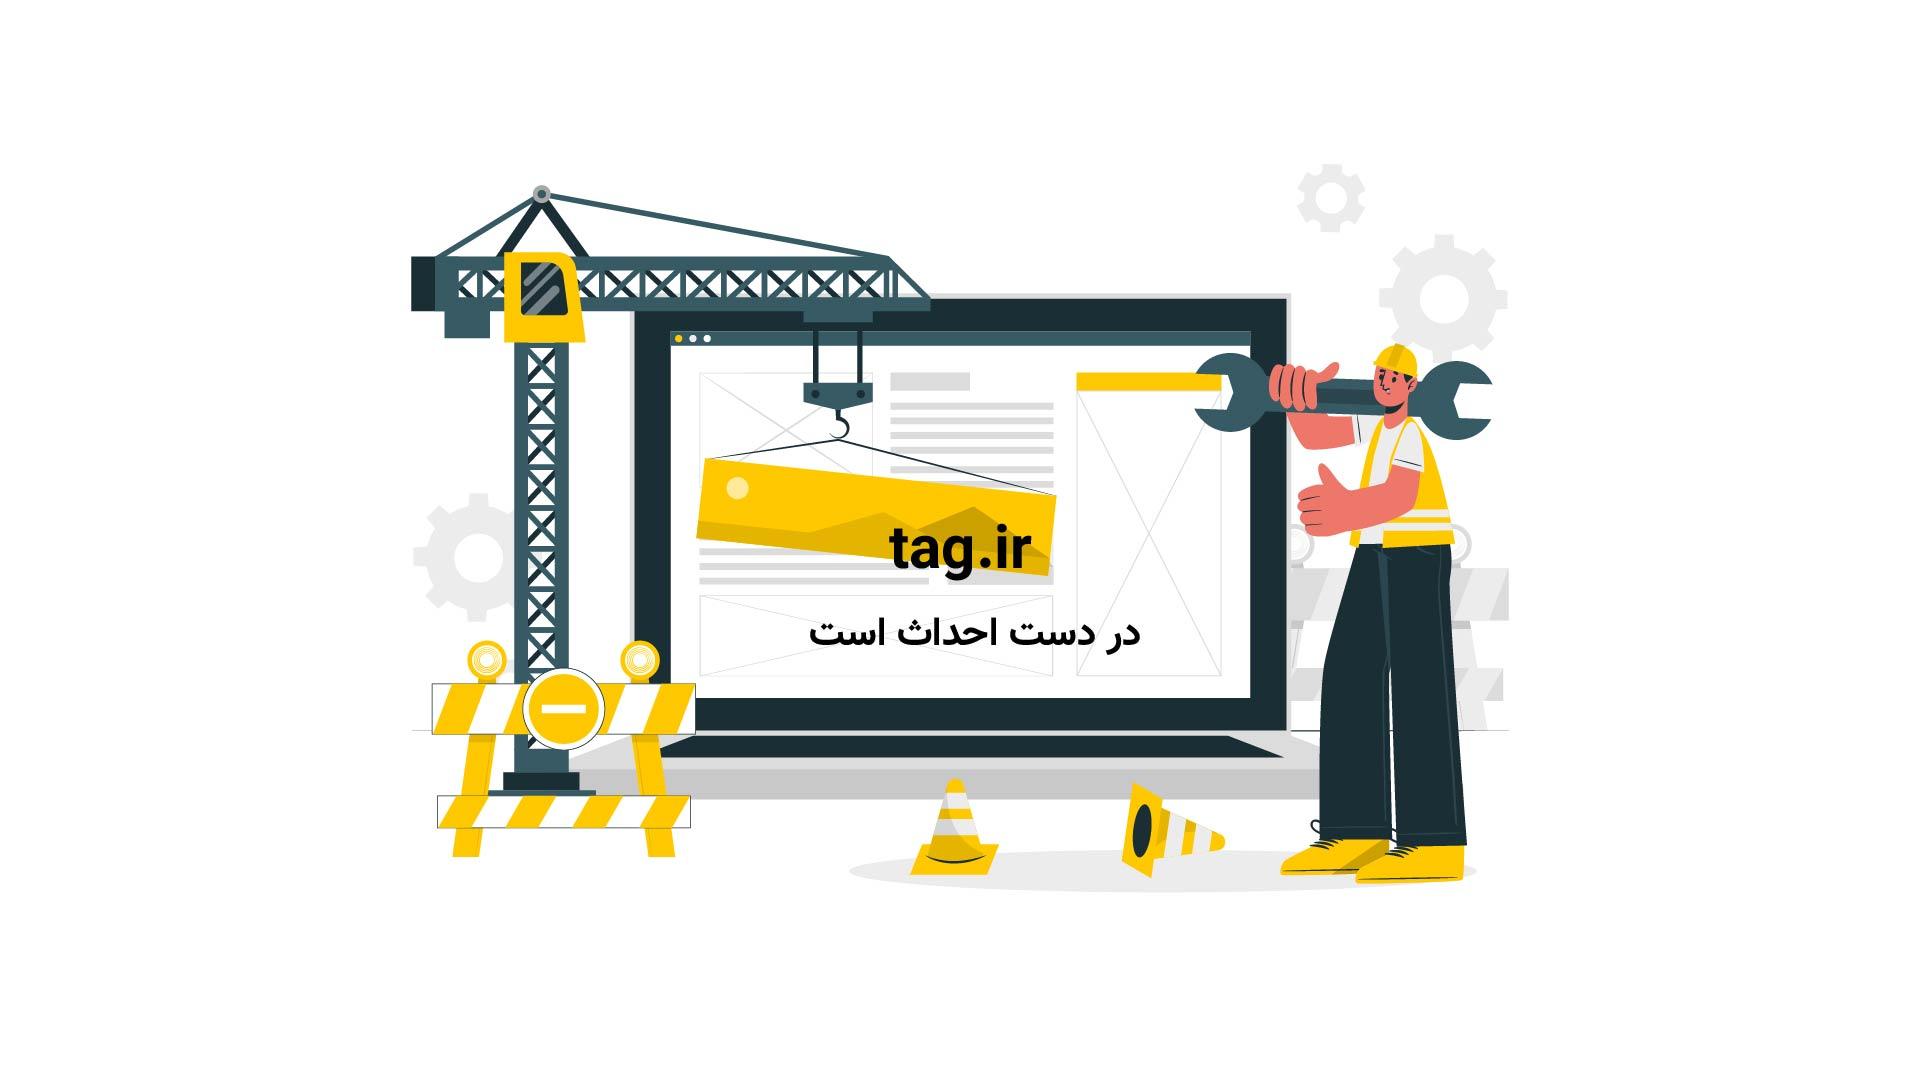 عناوین روزنامه های ورزشی پنجشنبه 25 خرداد | فیلم